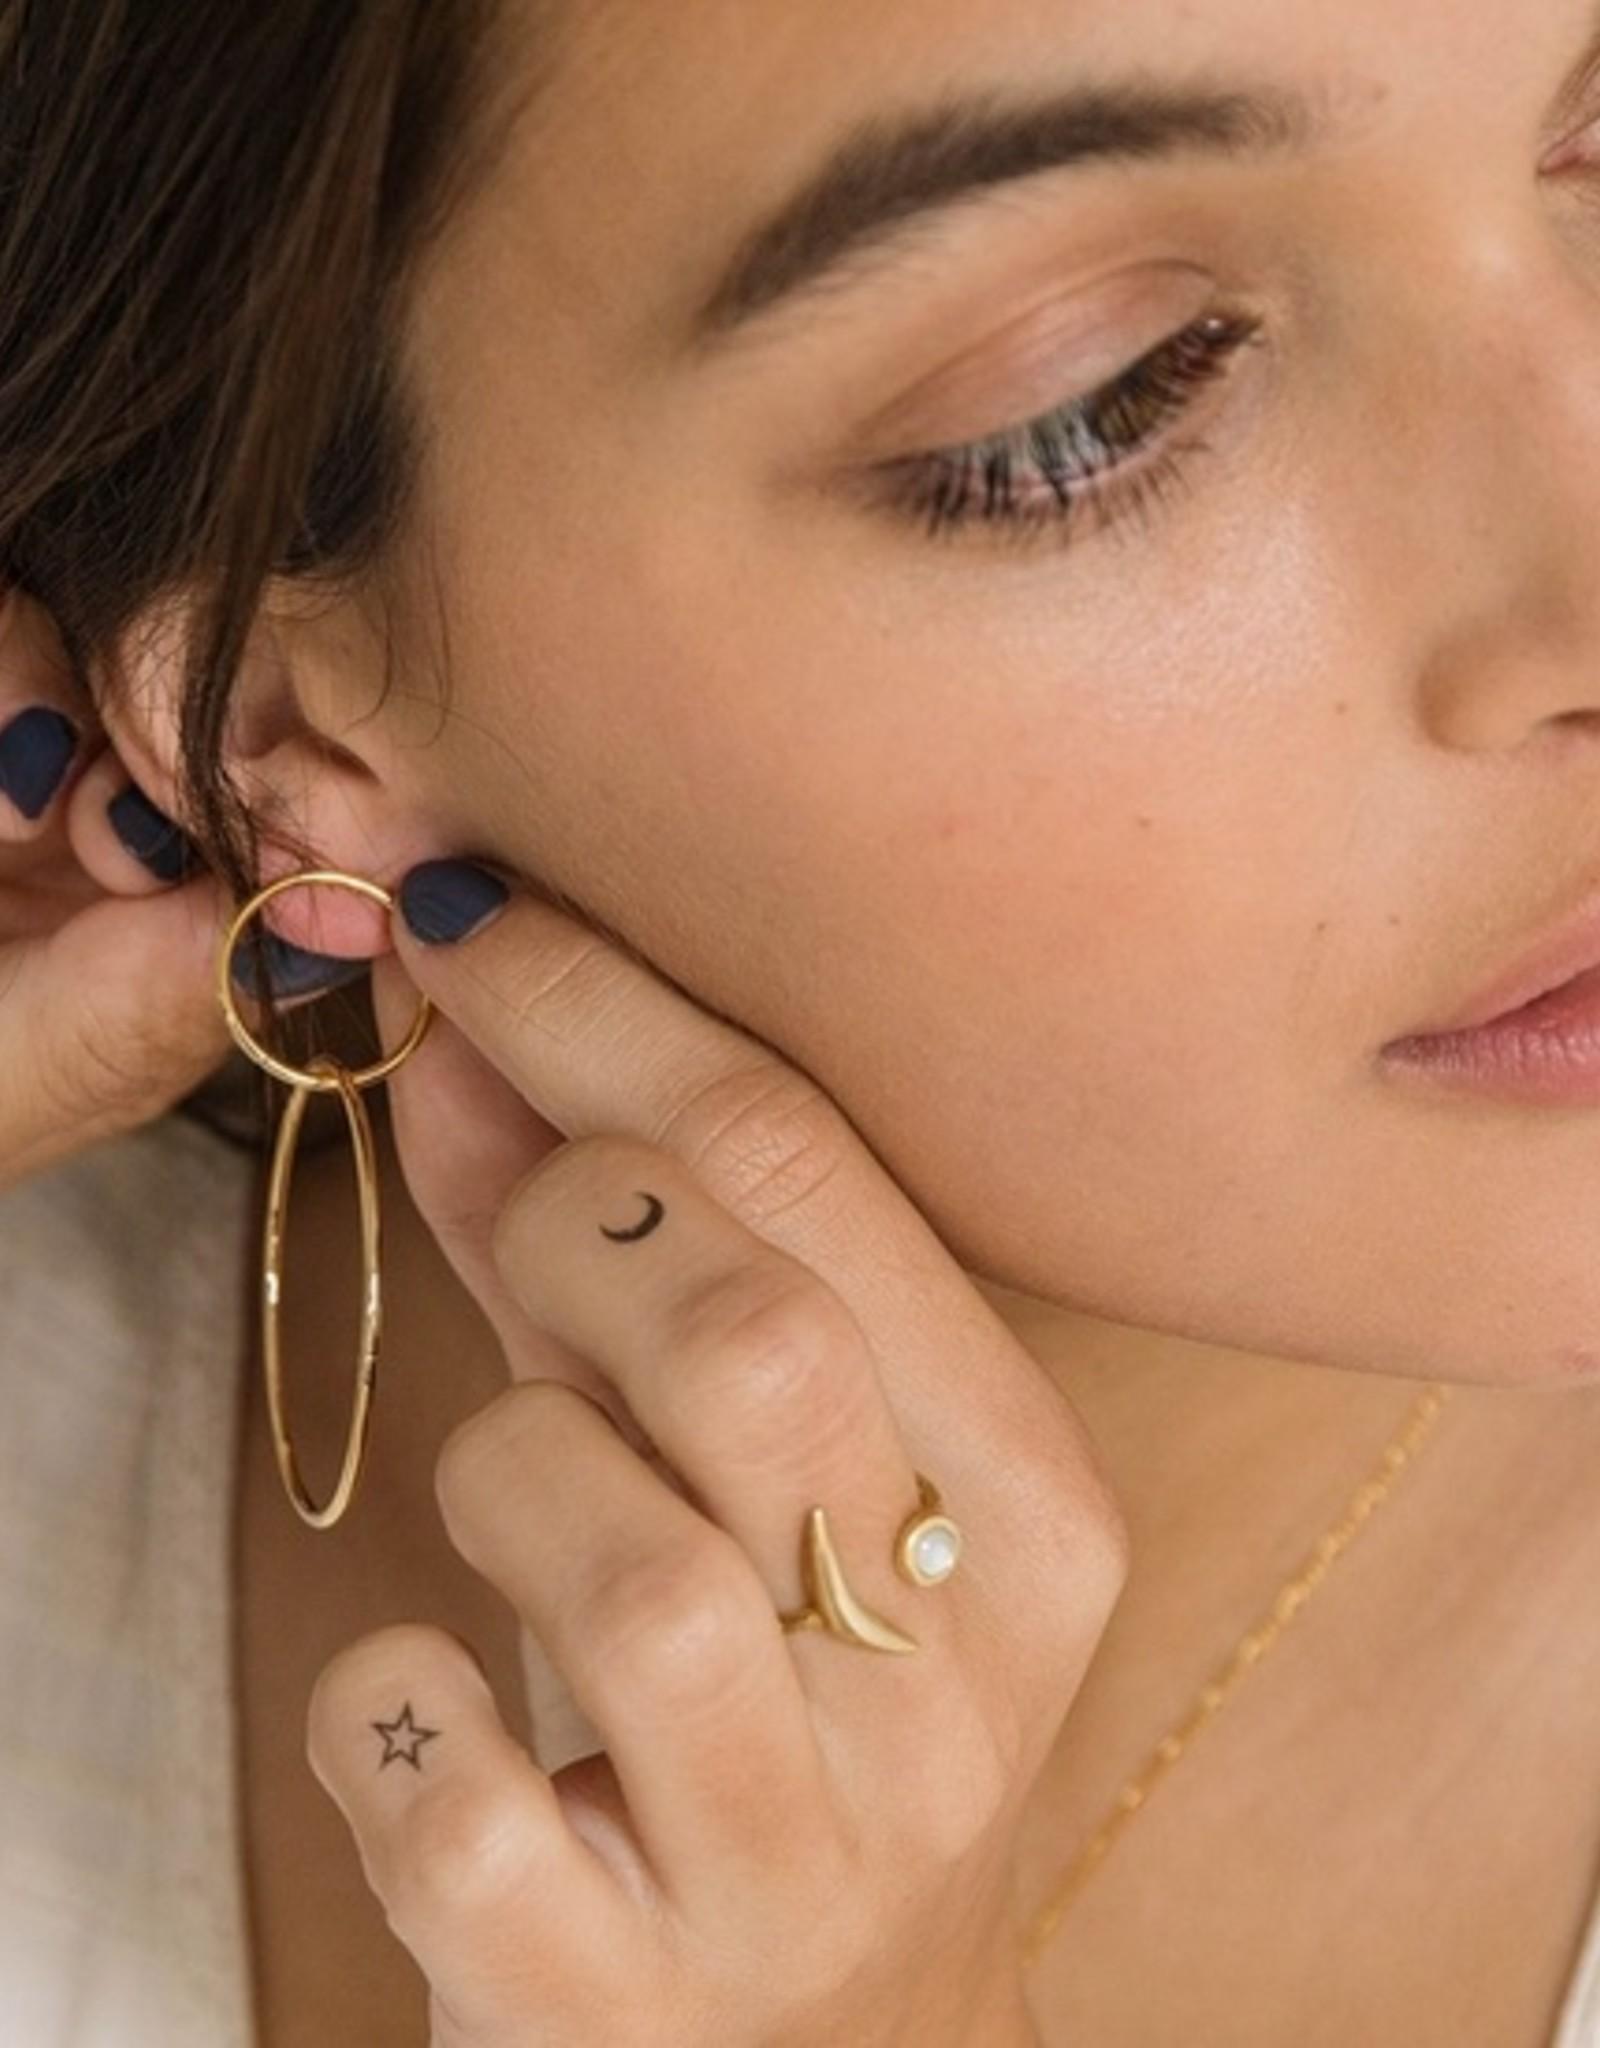 Amano Studio Double Stud Ring Earrings